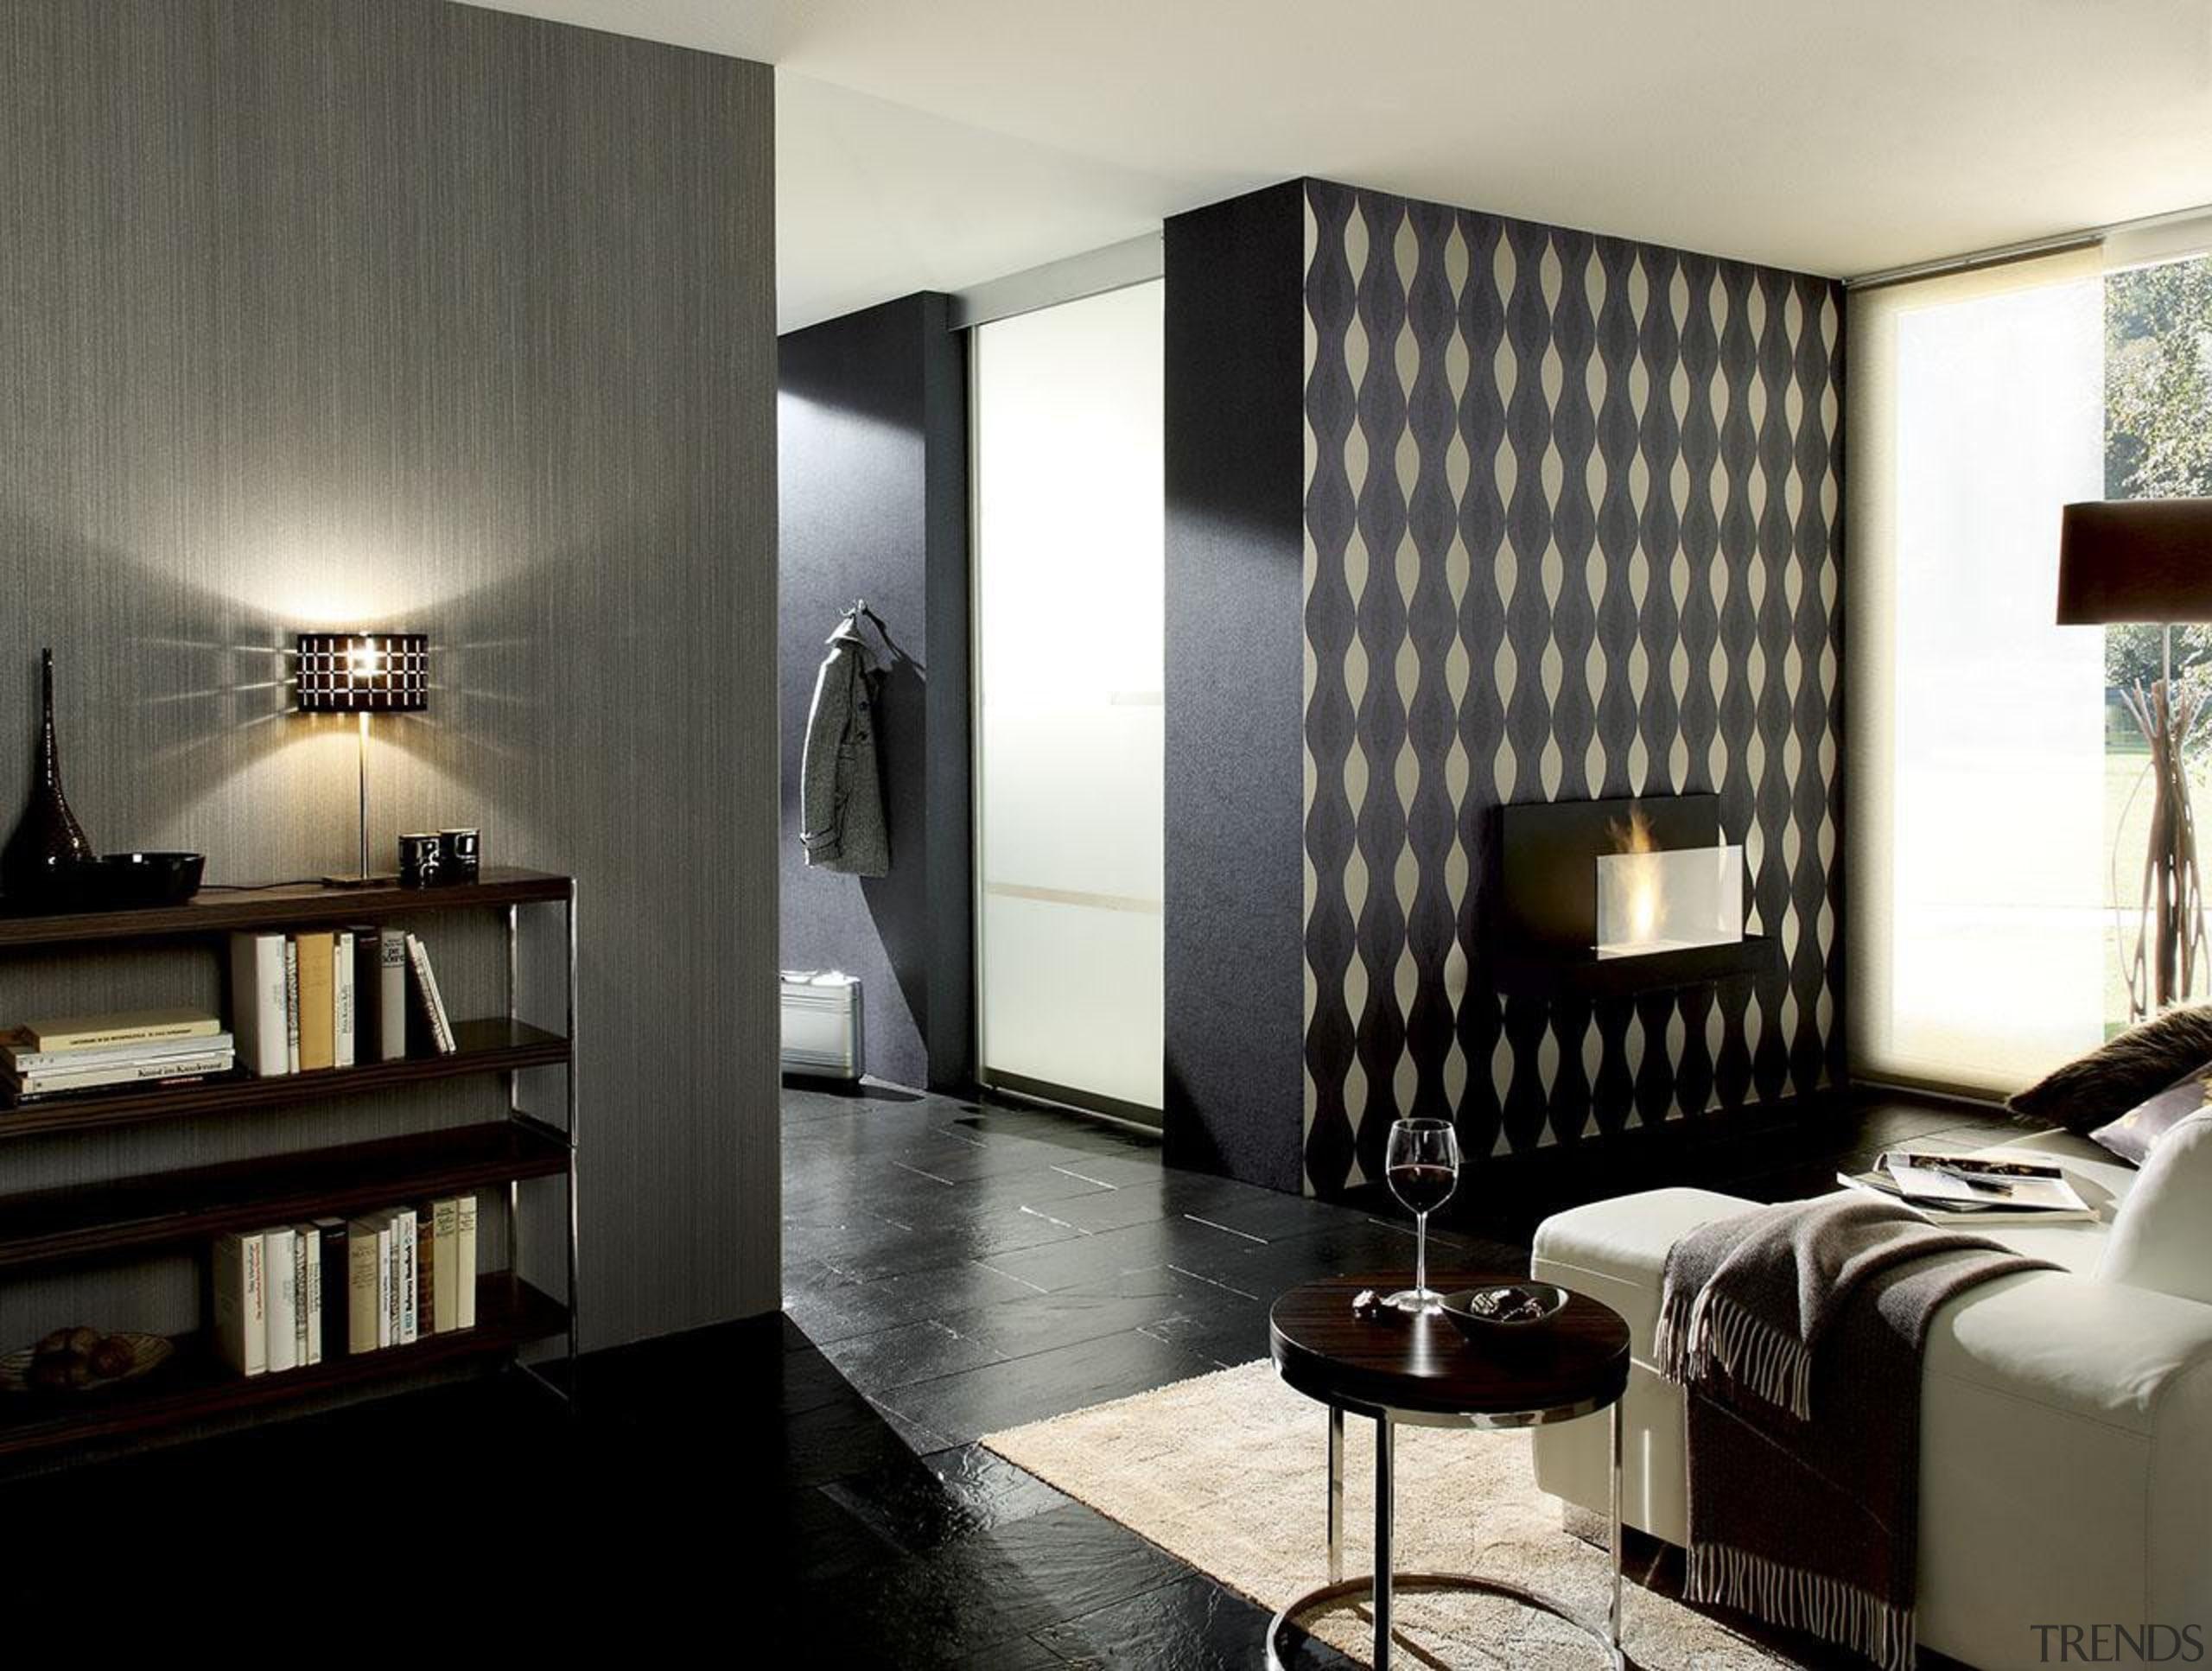 Modern Style Range - Modern Style Range - ceiling, floor, flooring, furniture, interior design, living room, room, wall, black, white